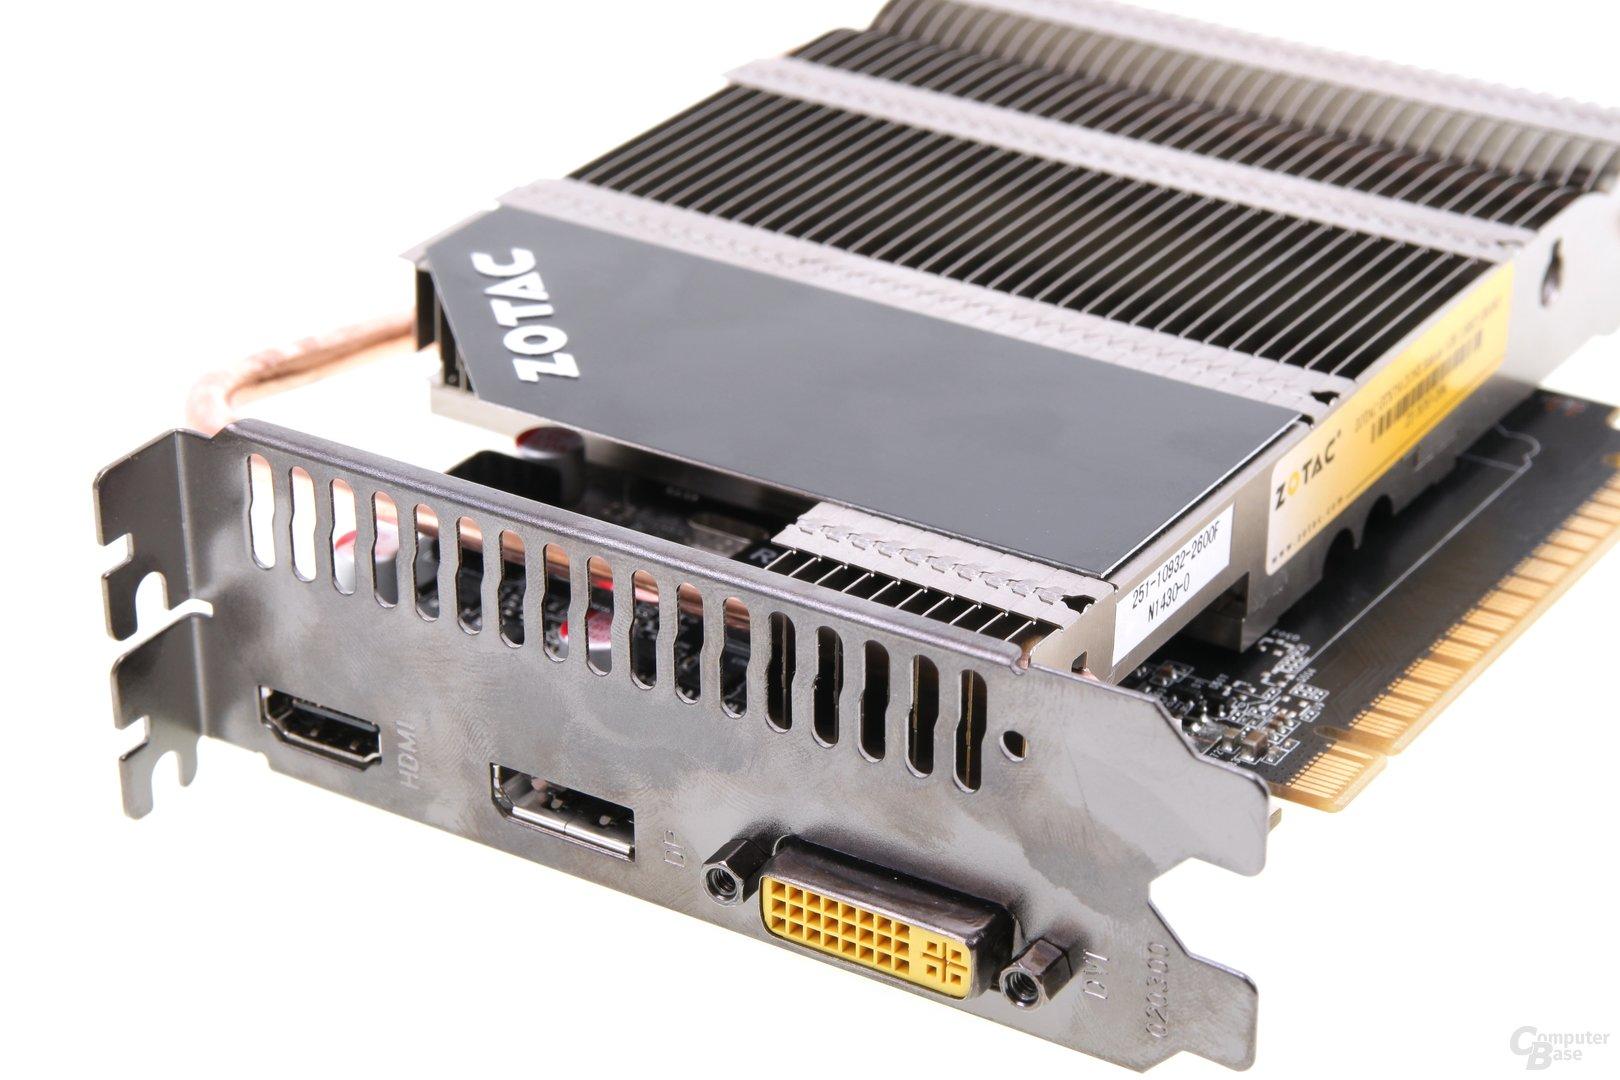 Zotac GeForce GTX 750 Zone - Anschlüsse